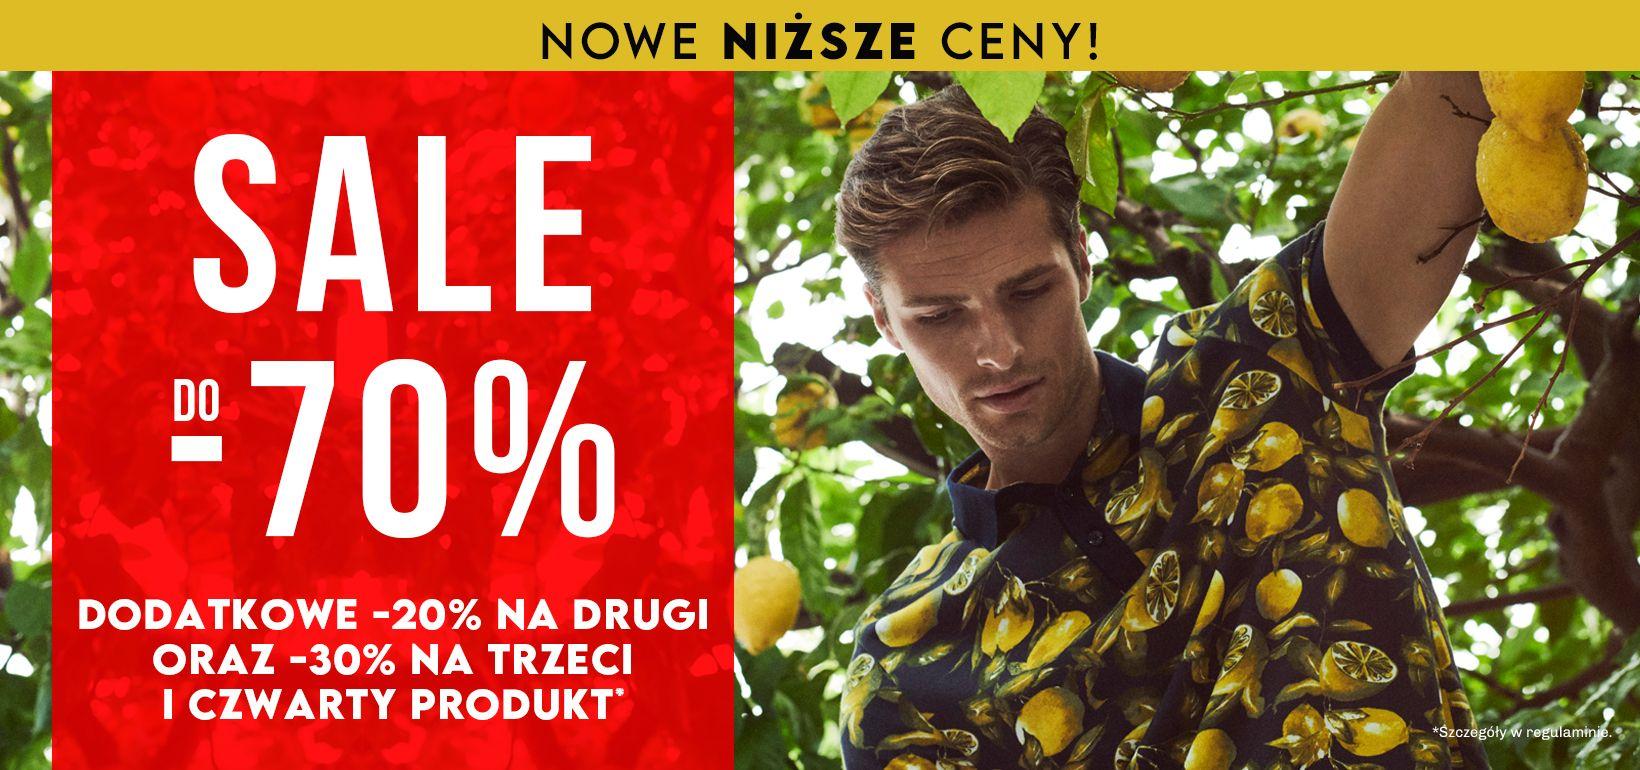 Vistula: wyprzedaż do 70% zniżki na odzież męską